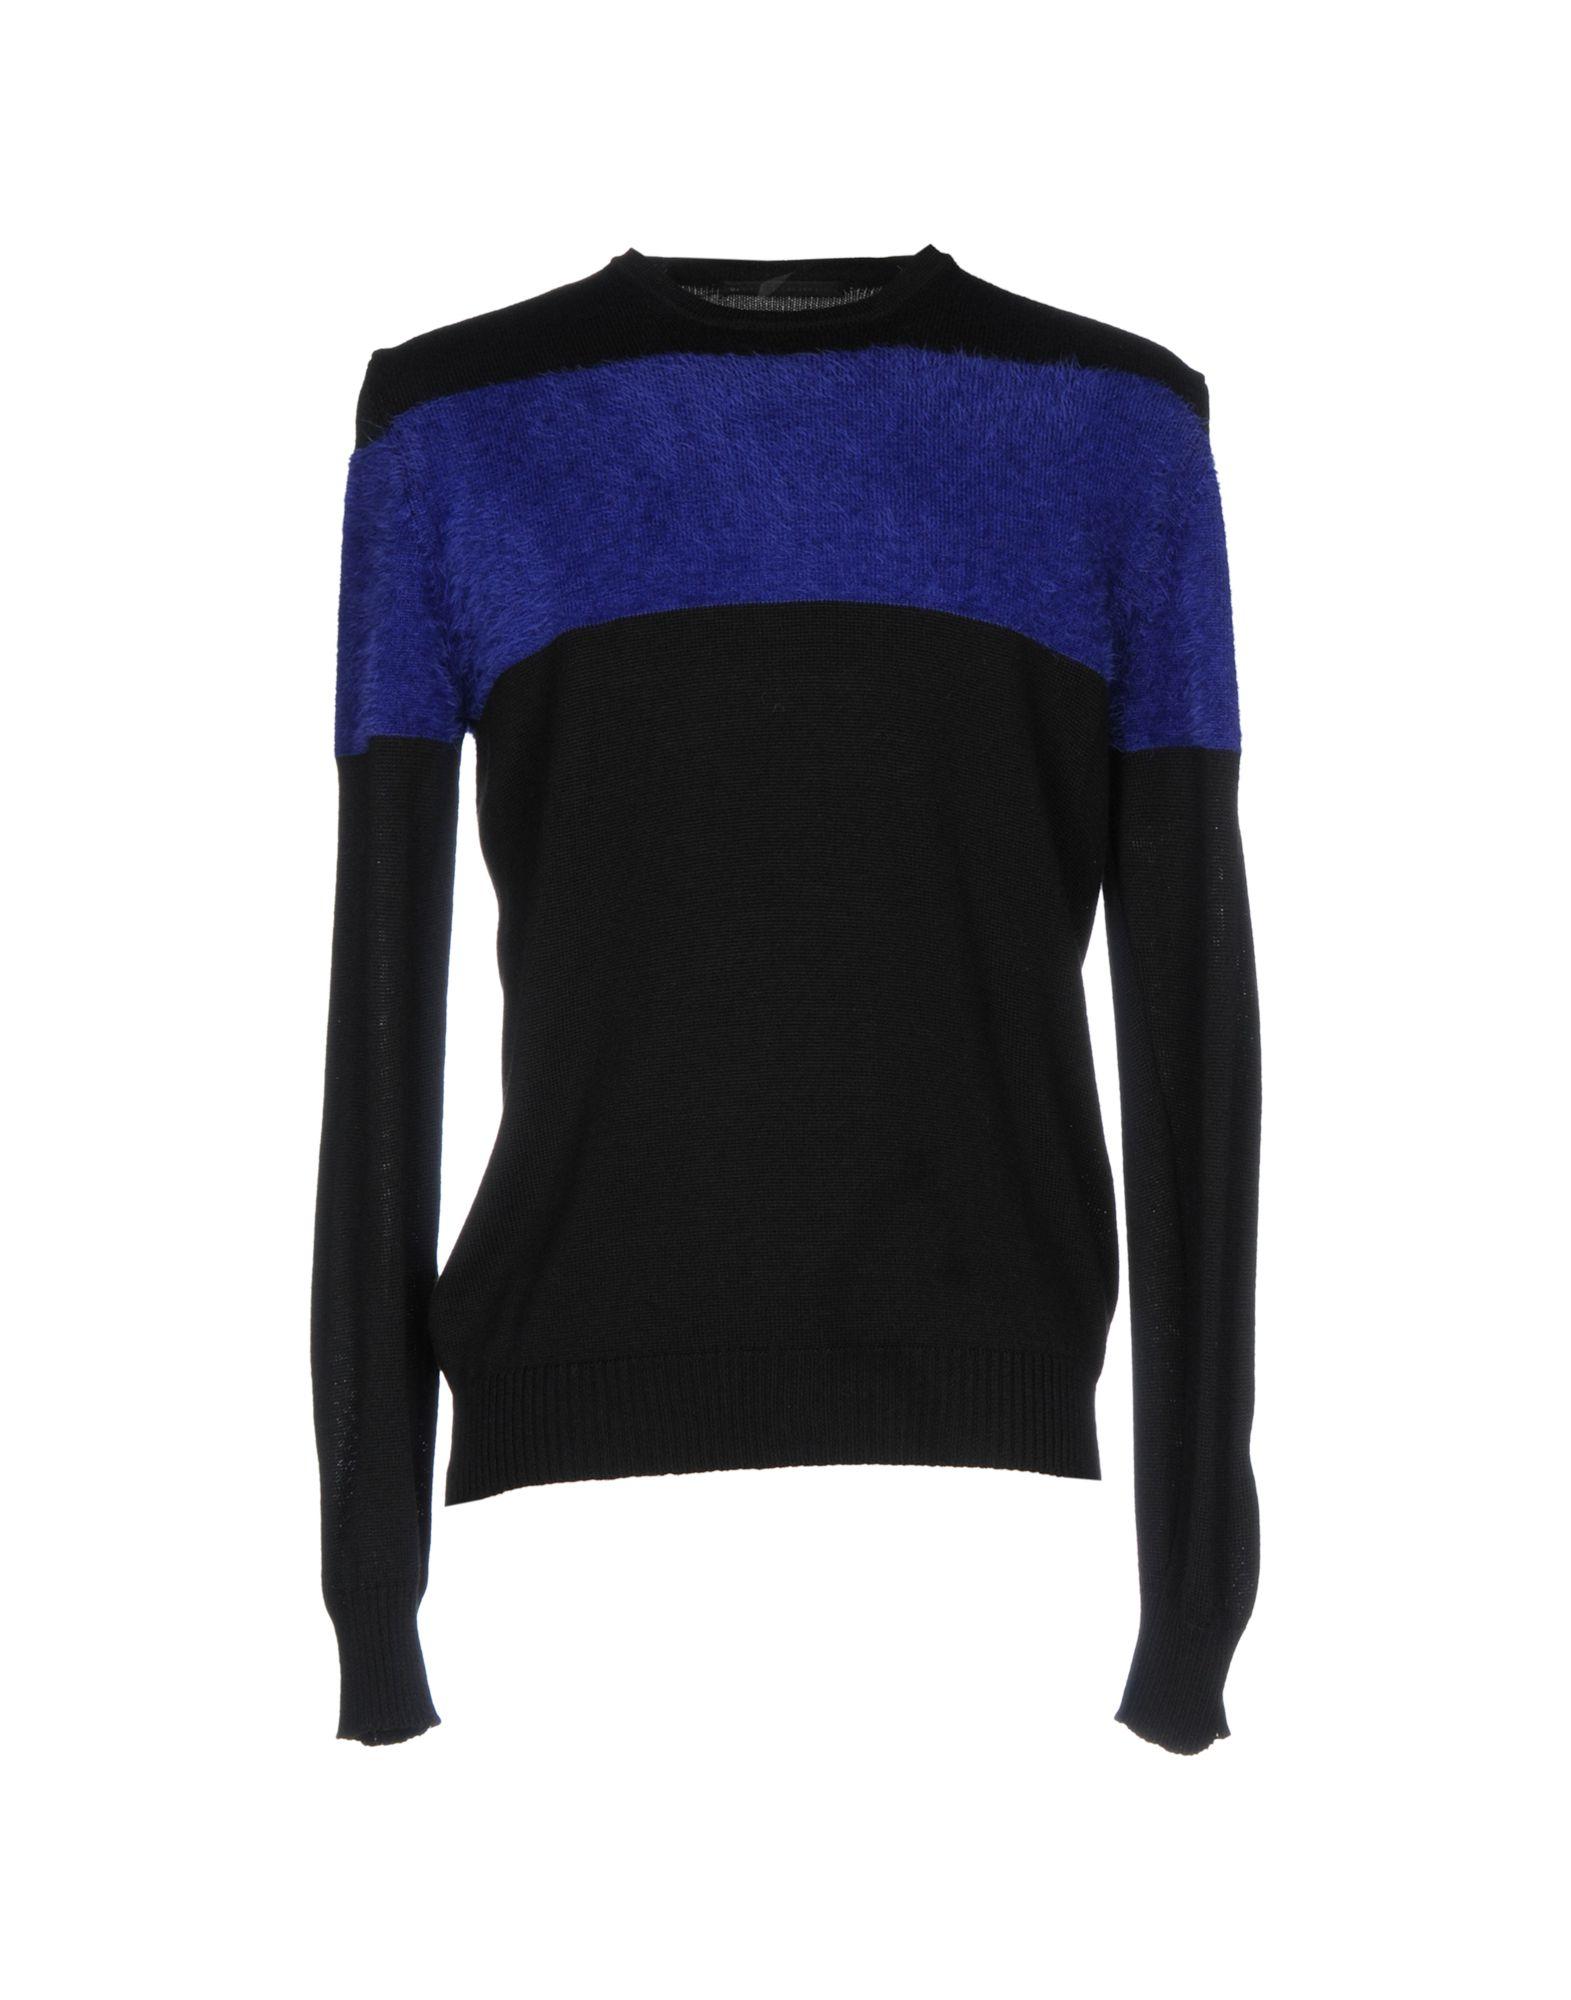 DANIELE ALESSANDRINI Herren Pullover Farbe Schwarz Größe 4 - broschei